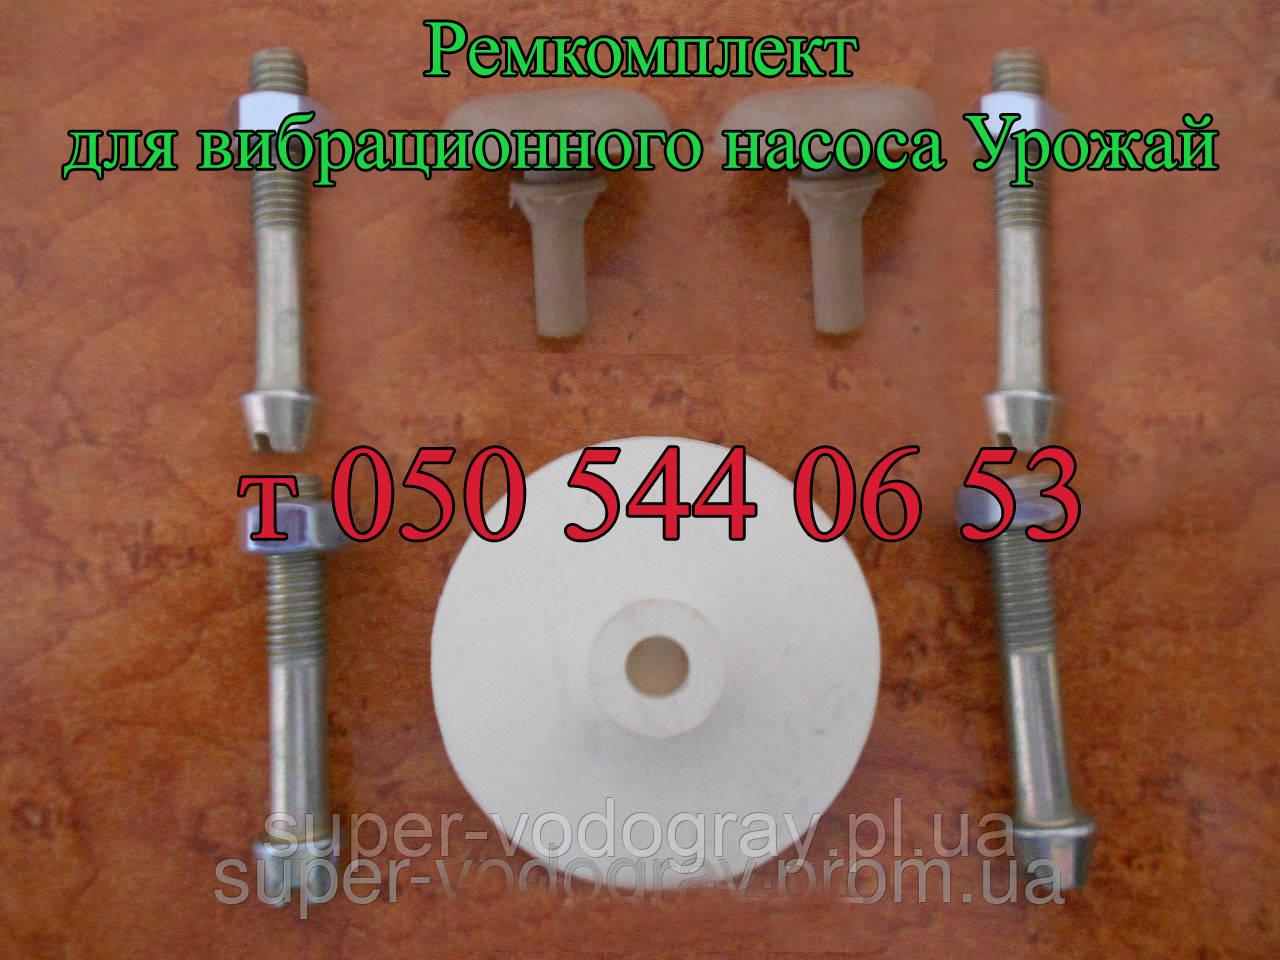 Ремкомплект для вибрационного насоса Урожай (двухклапанный)